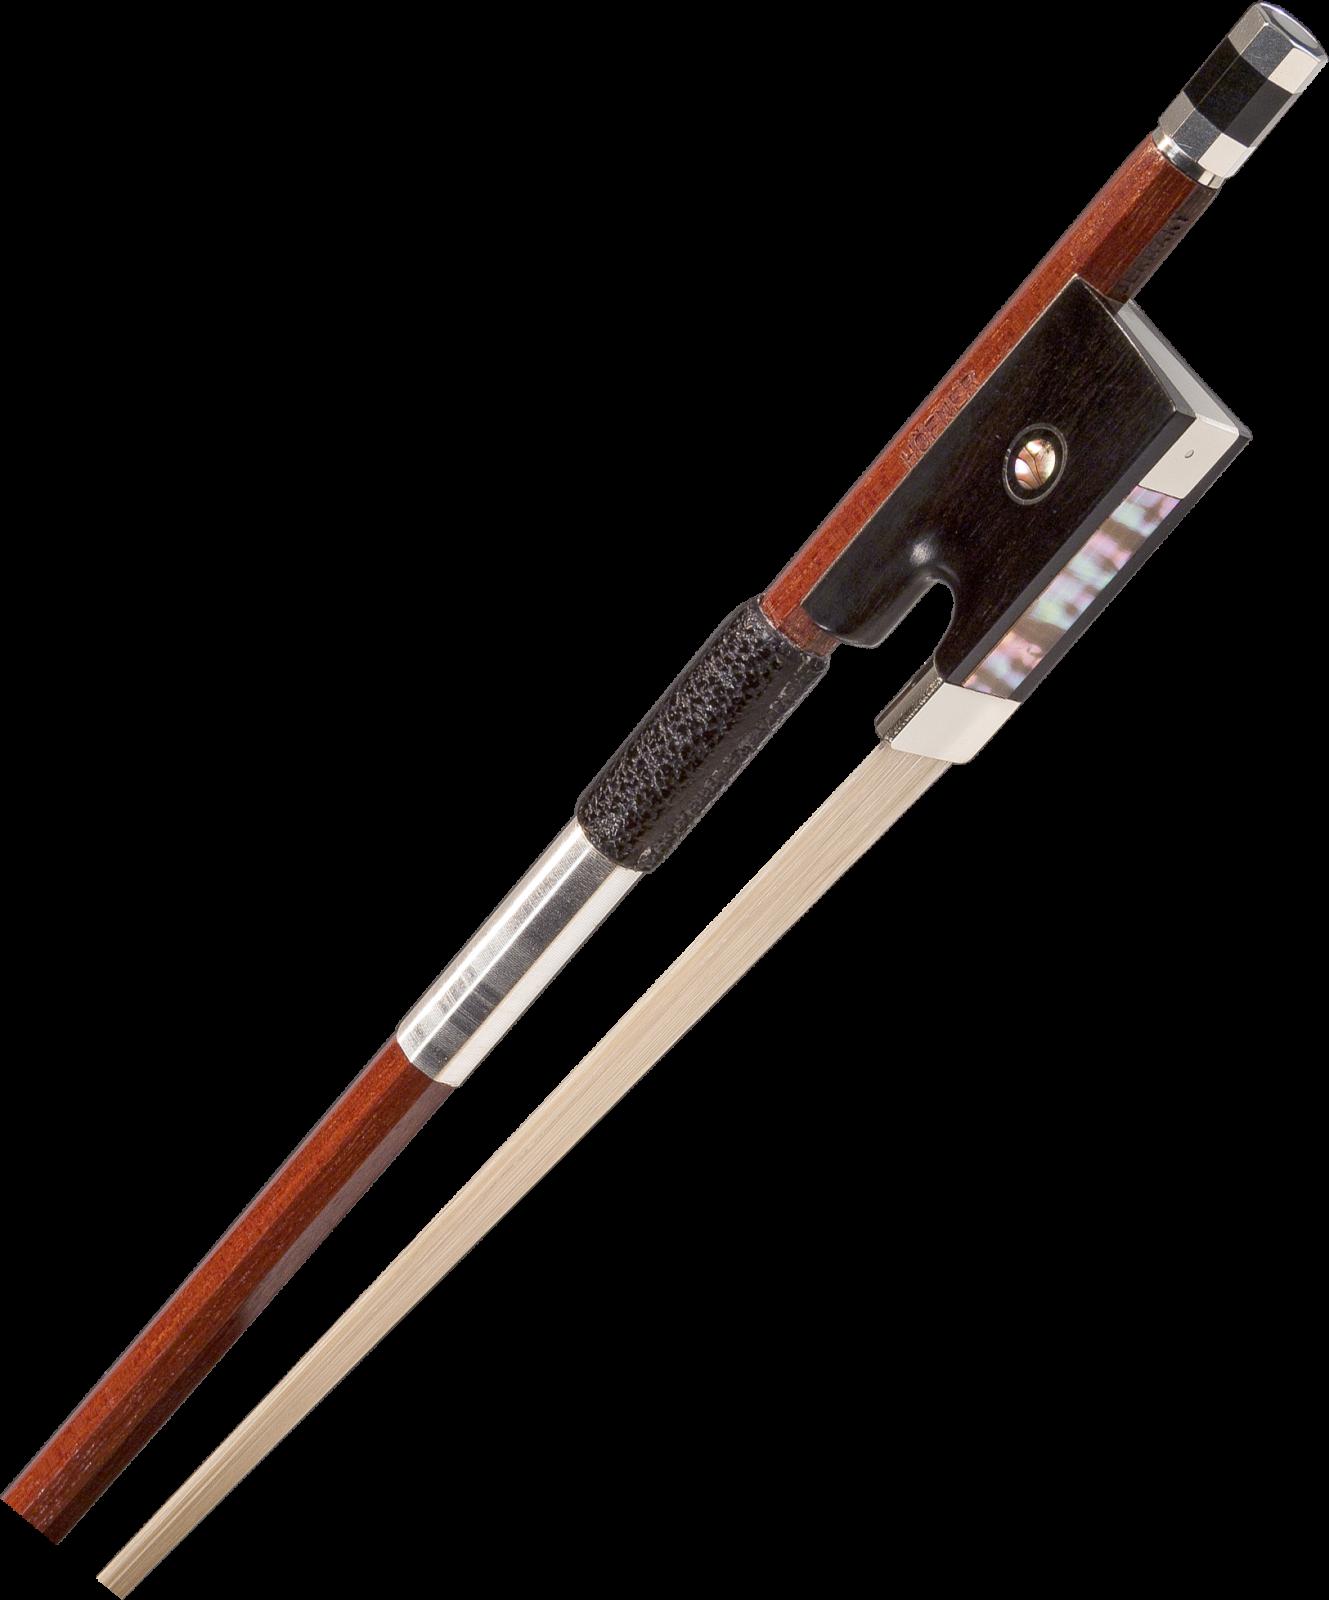 HOFB-7-13K bow by Hofner of Germany